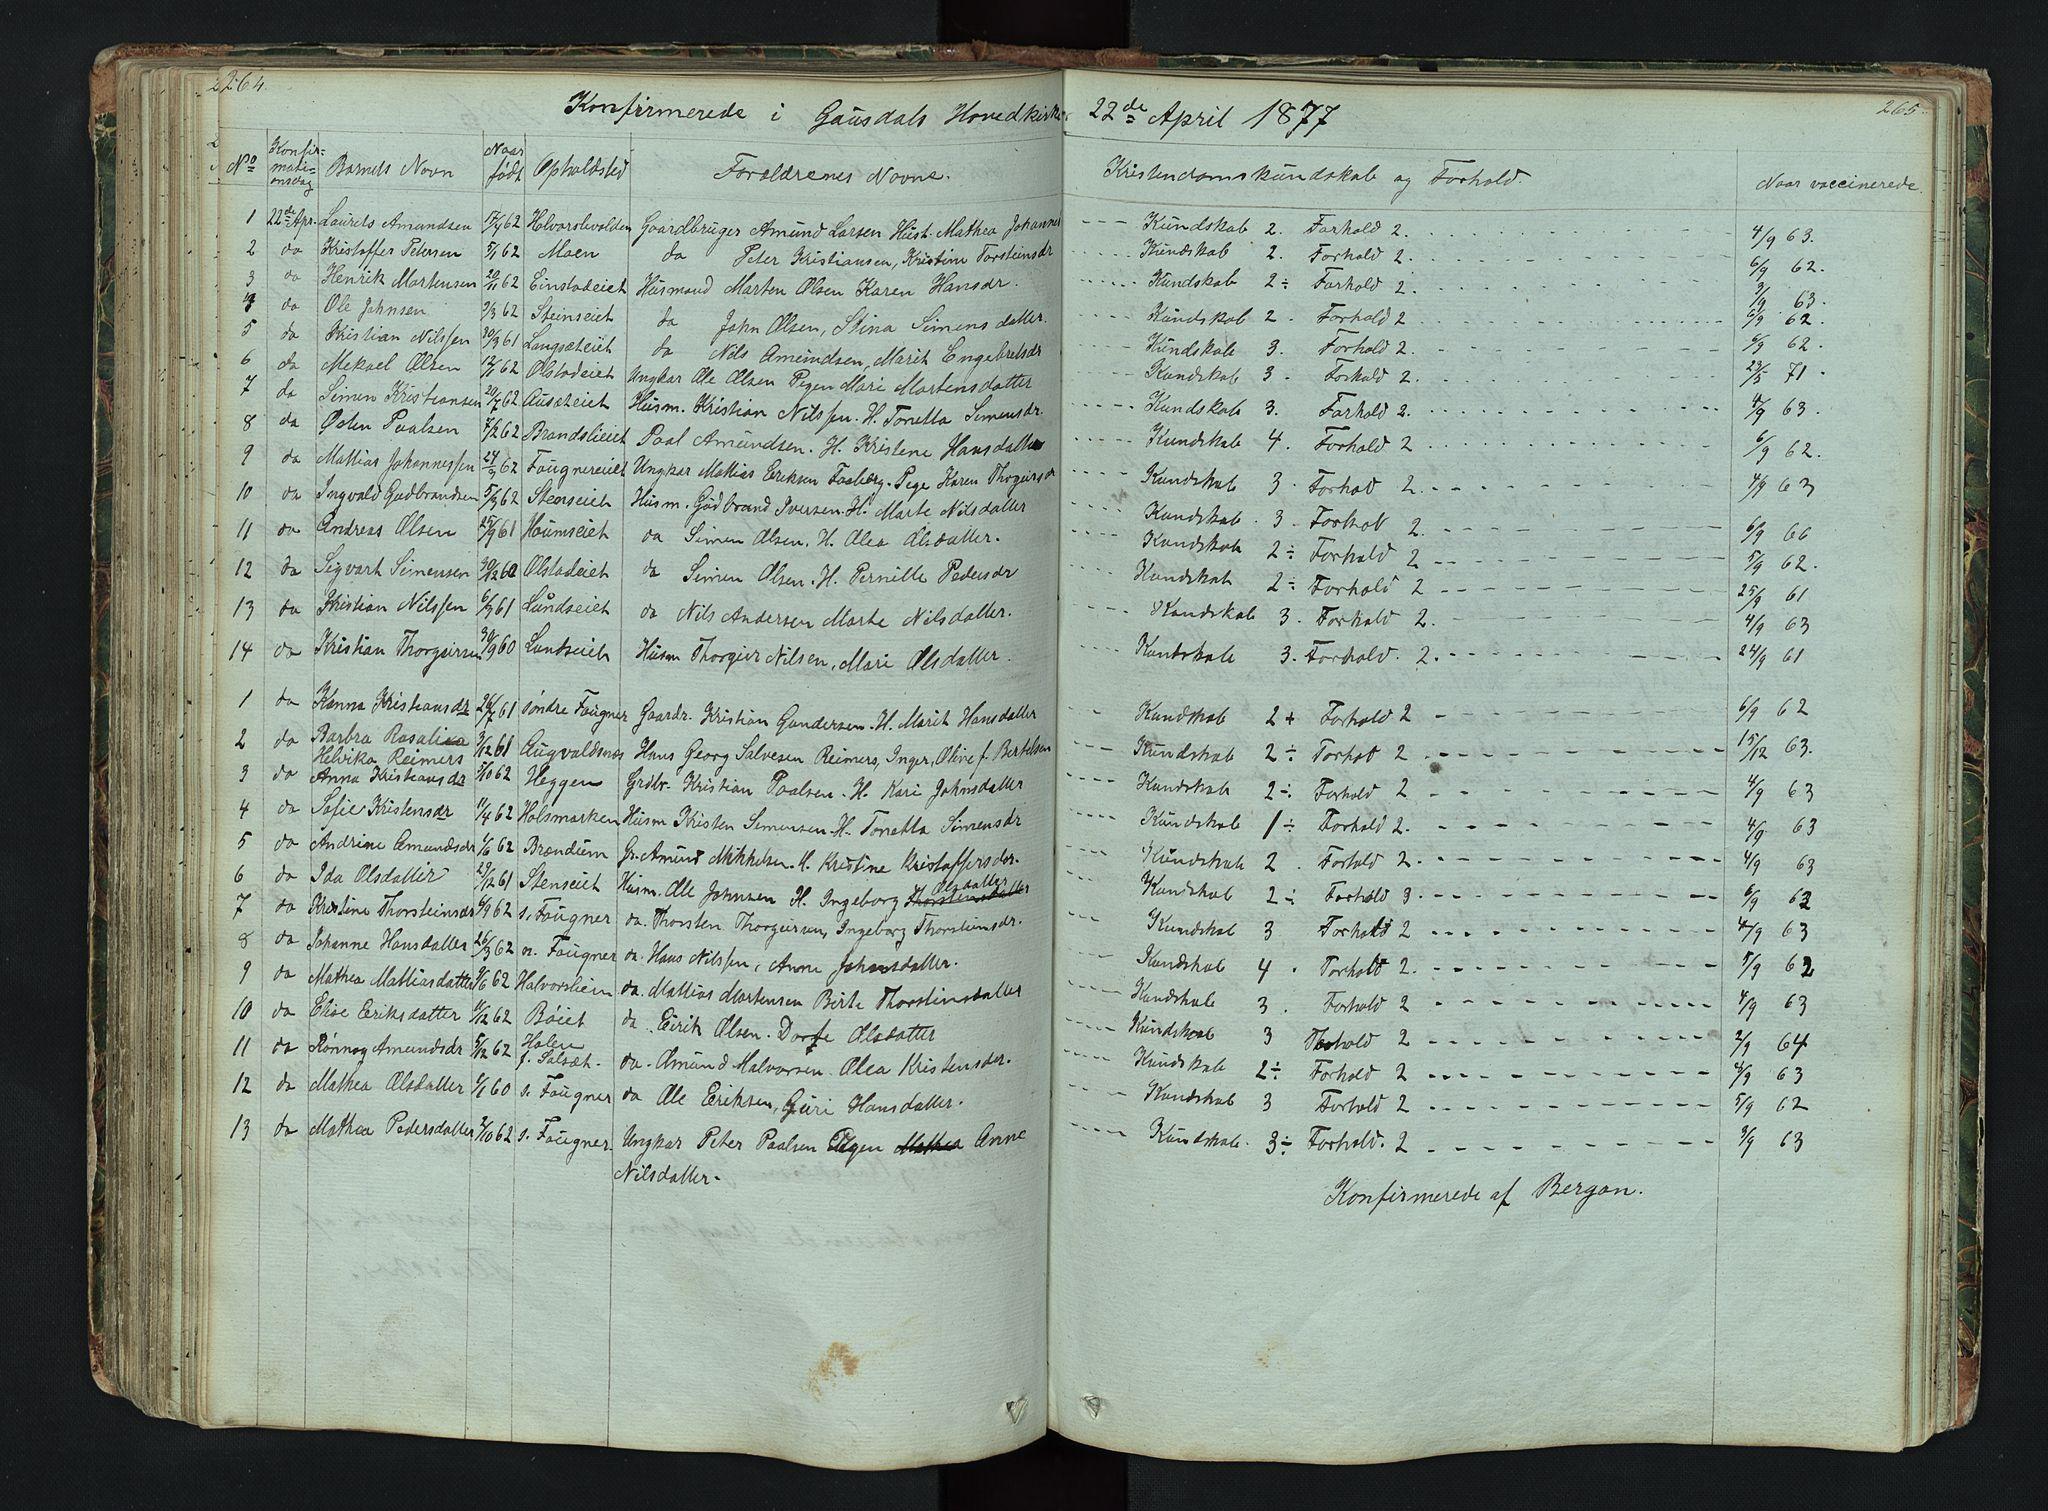 SAH, Gausdal prestekontor, Klokkerbok nr. 6, 1846-1893, s. 264-265